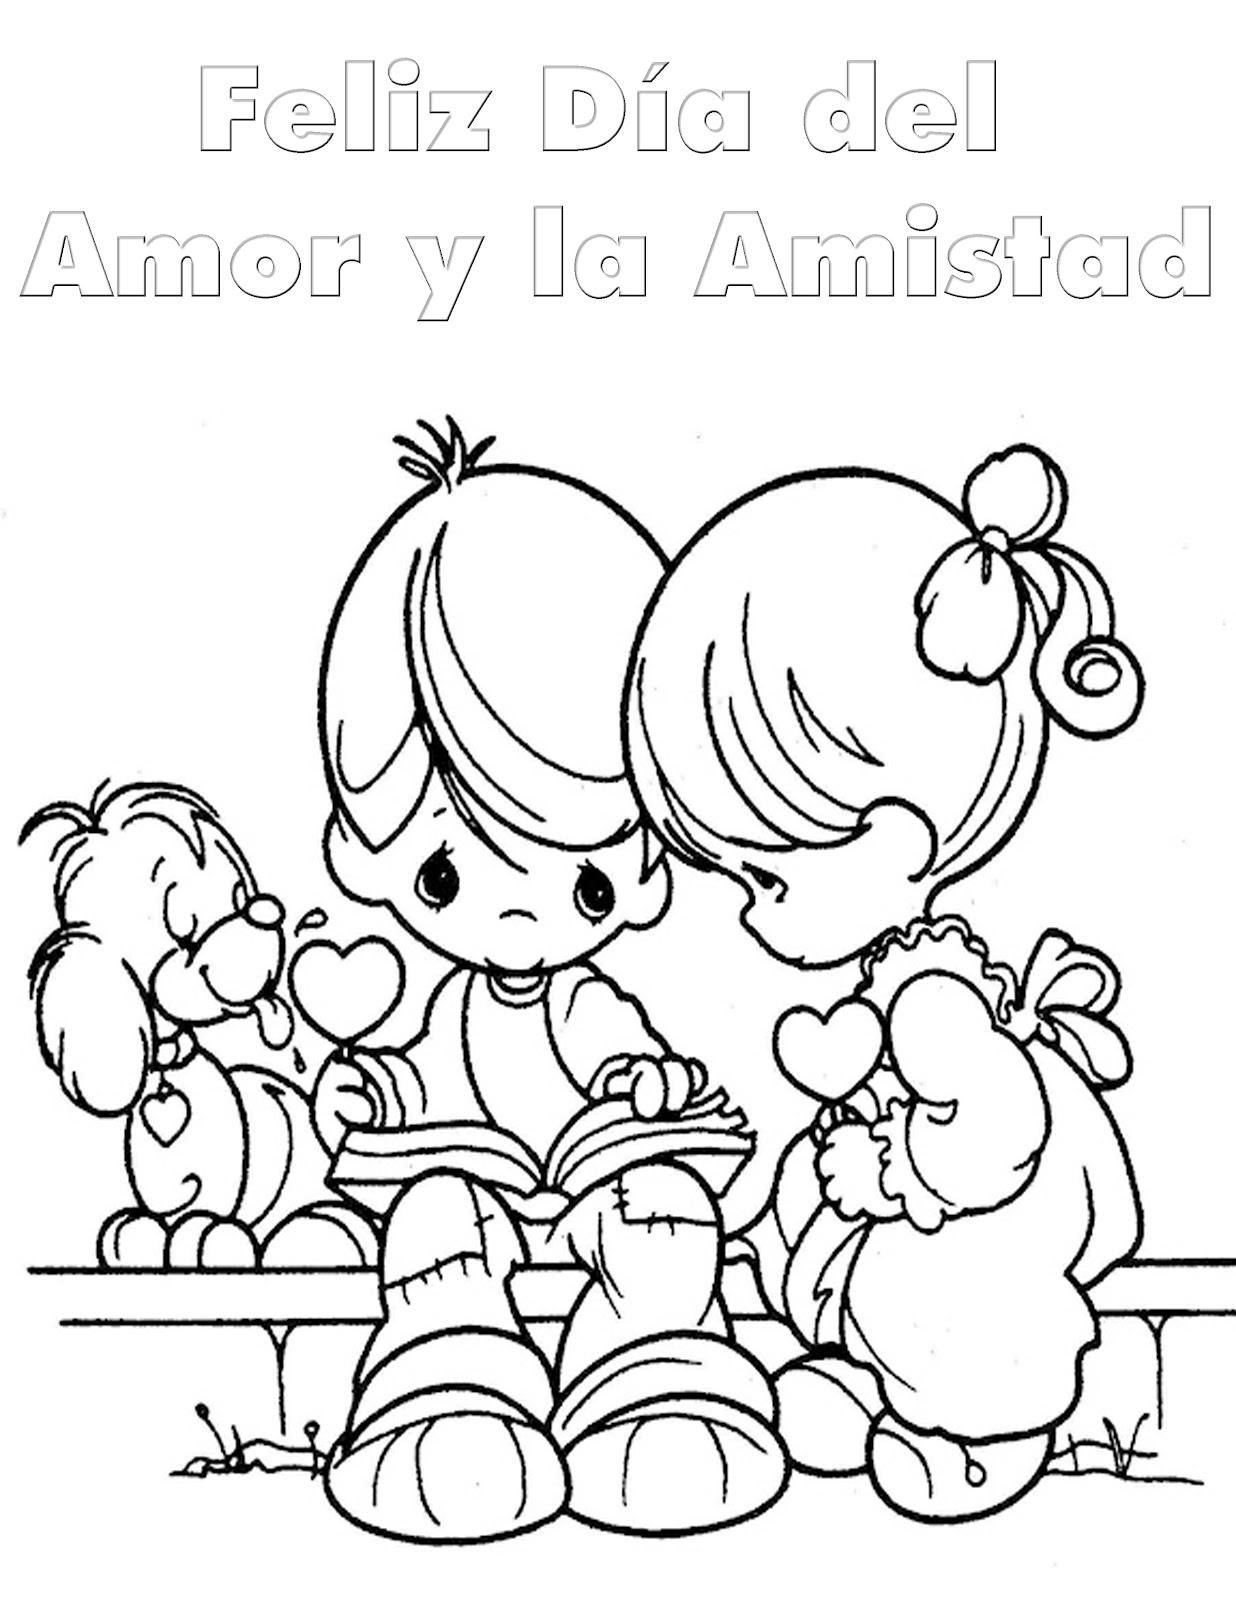 Pinto Dibujos Dia Del Amor Y La Amistad Para Colorear